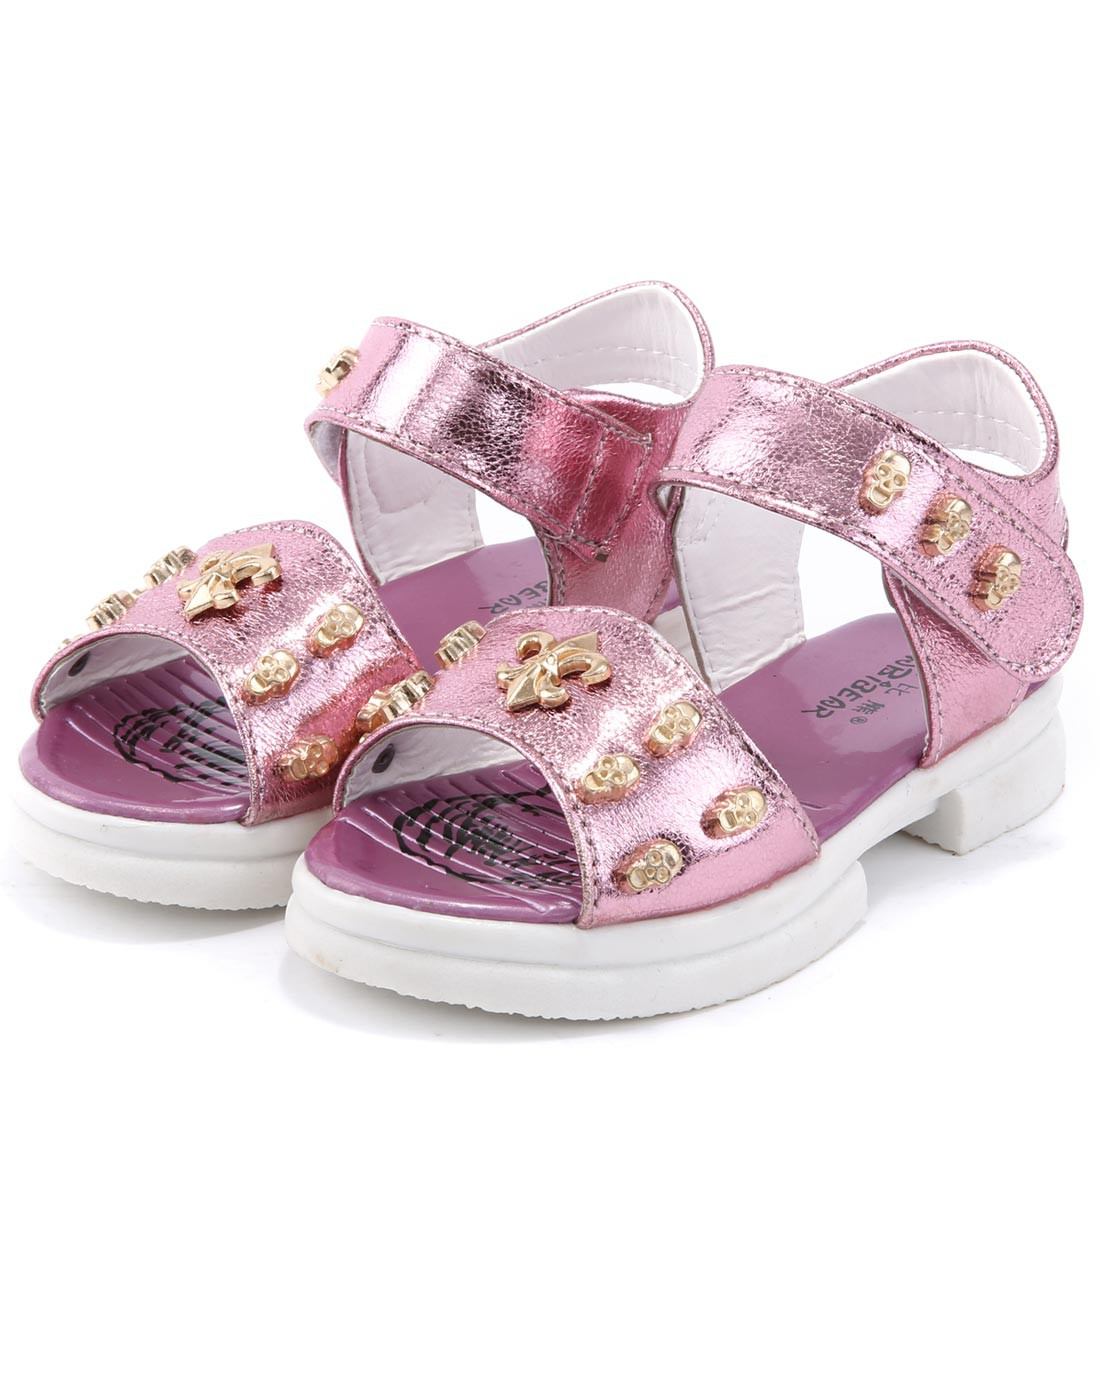 哈比熊儿童专场女童粉色儿童凉鞋g07606